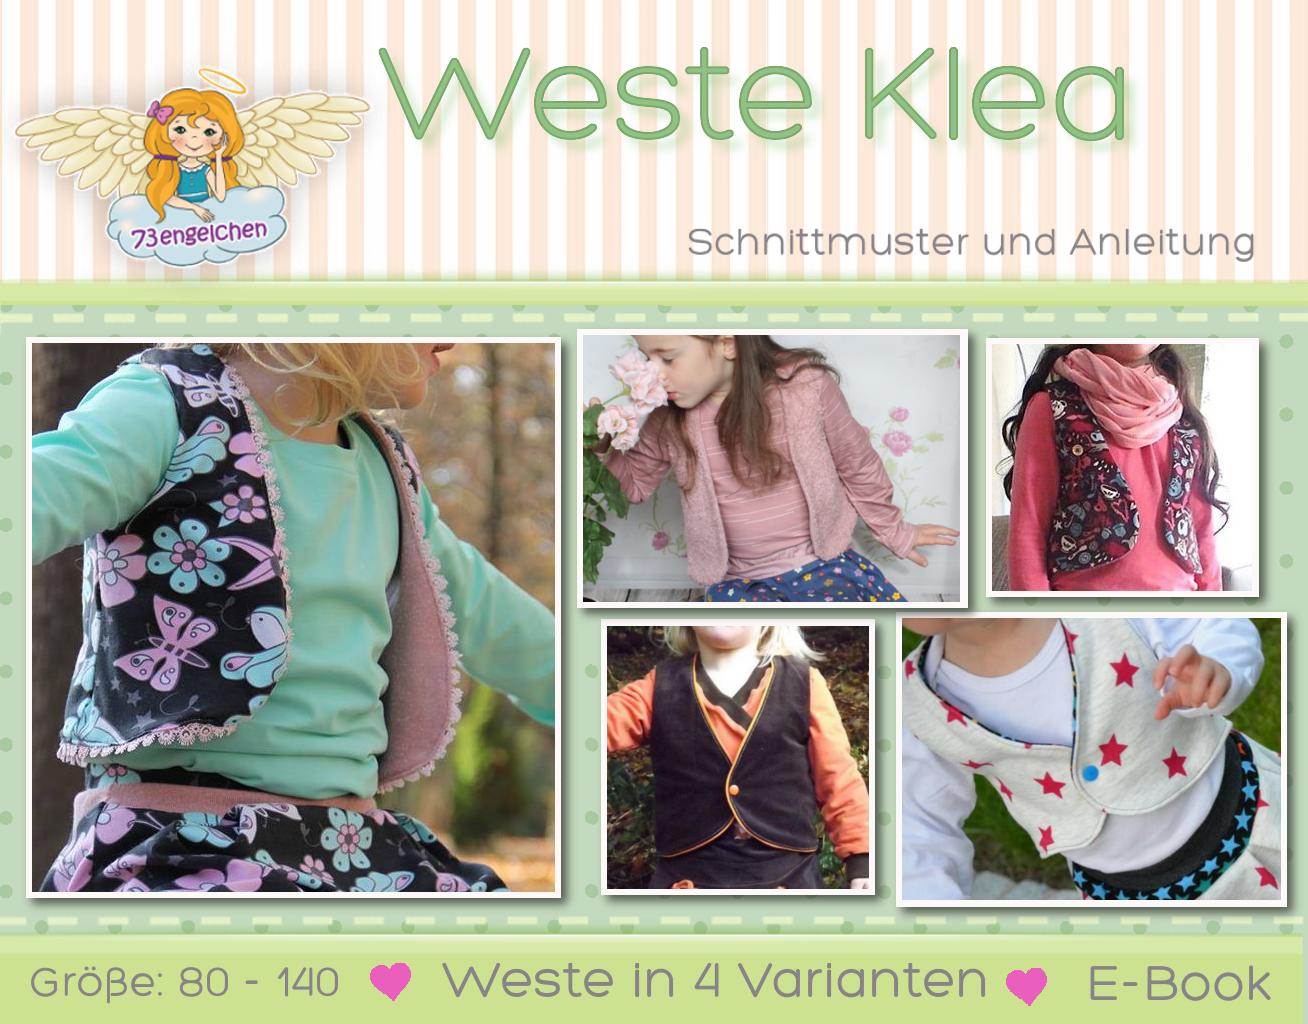 Schnittmuster Kinderkleidung selber nähen - Weste Klea